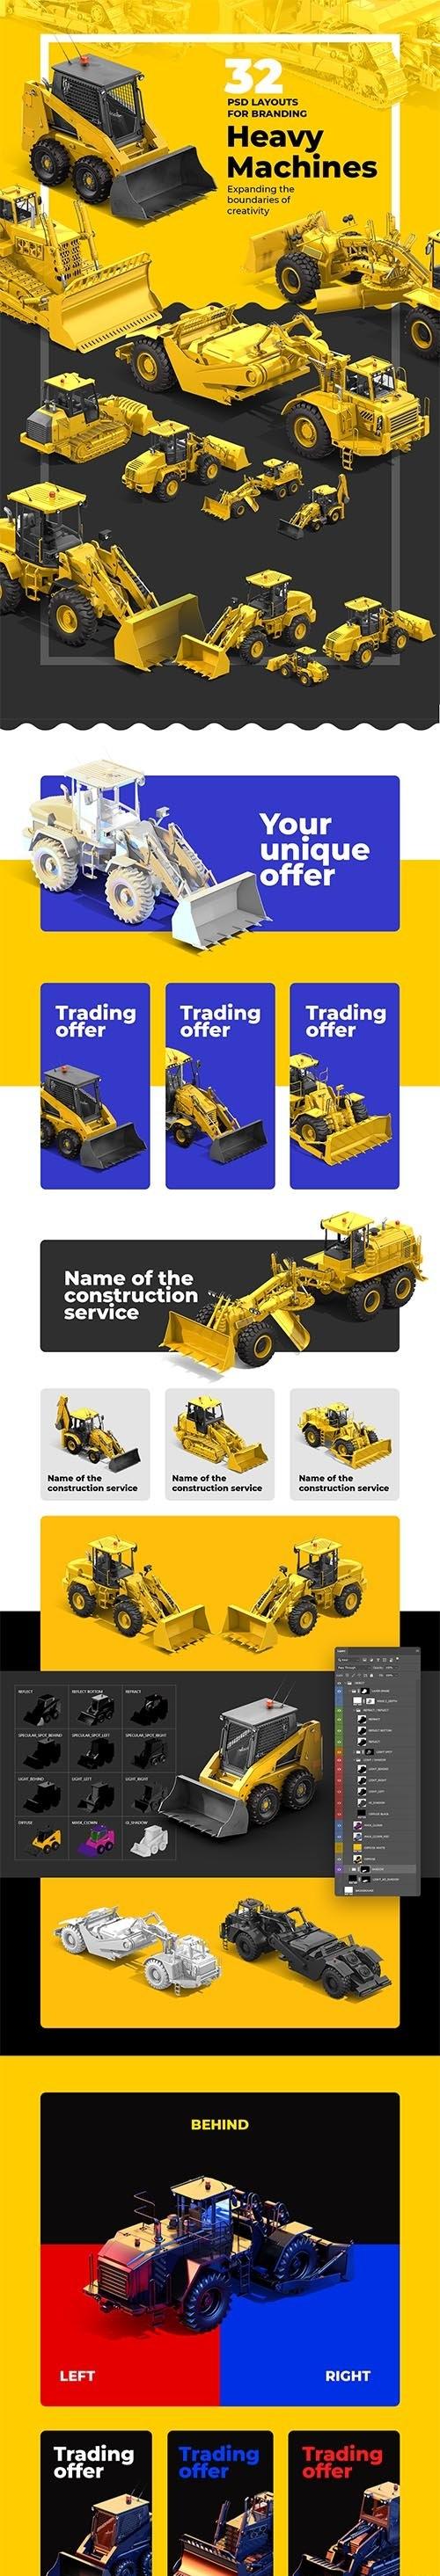 PSD Heavy Machines Mockup 360 PRO #02 68165